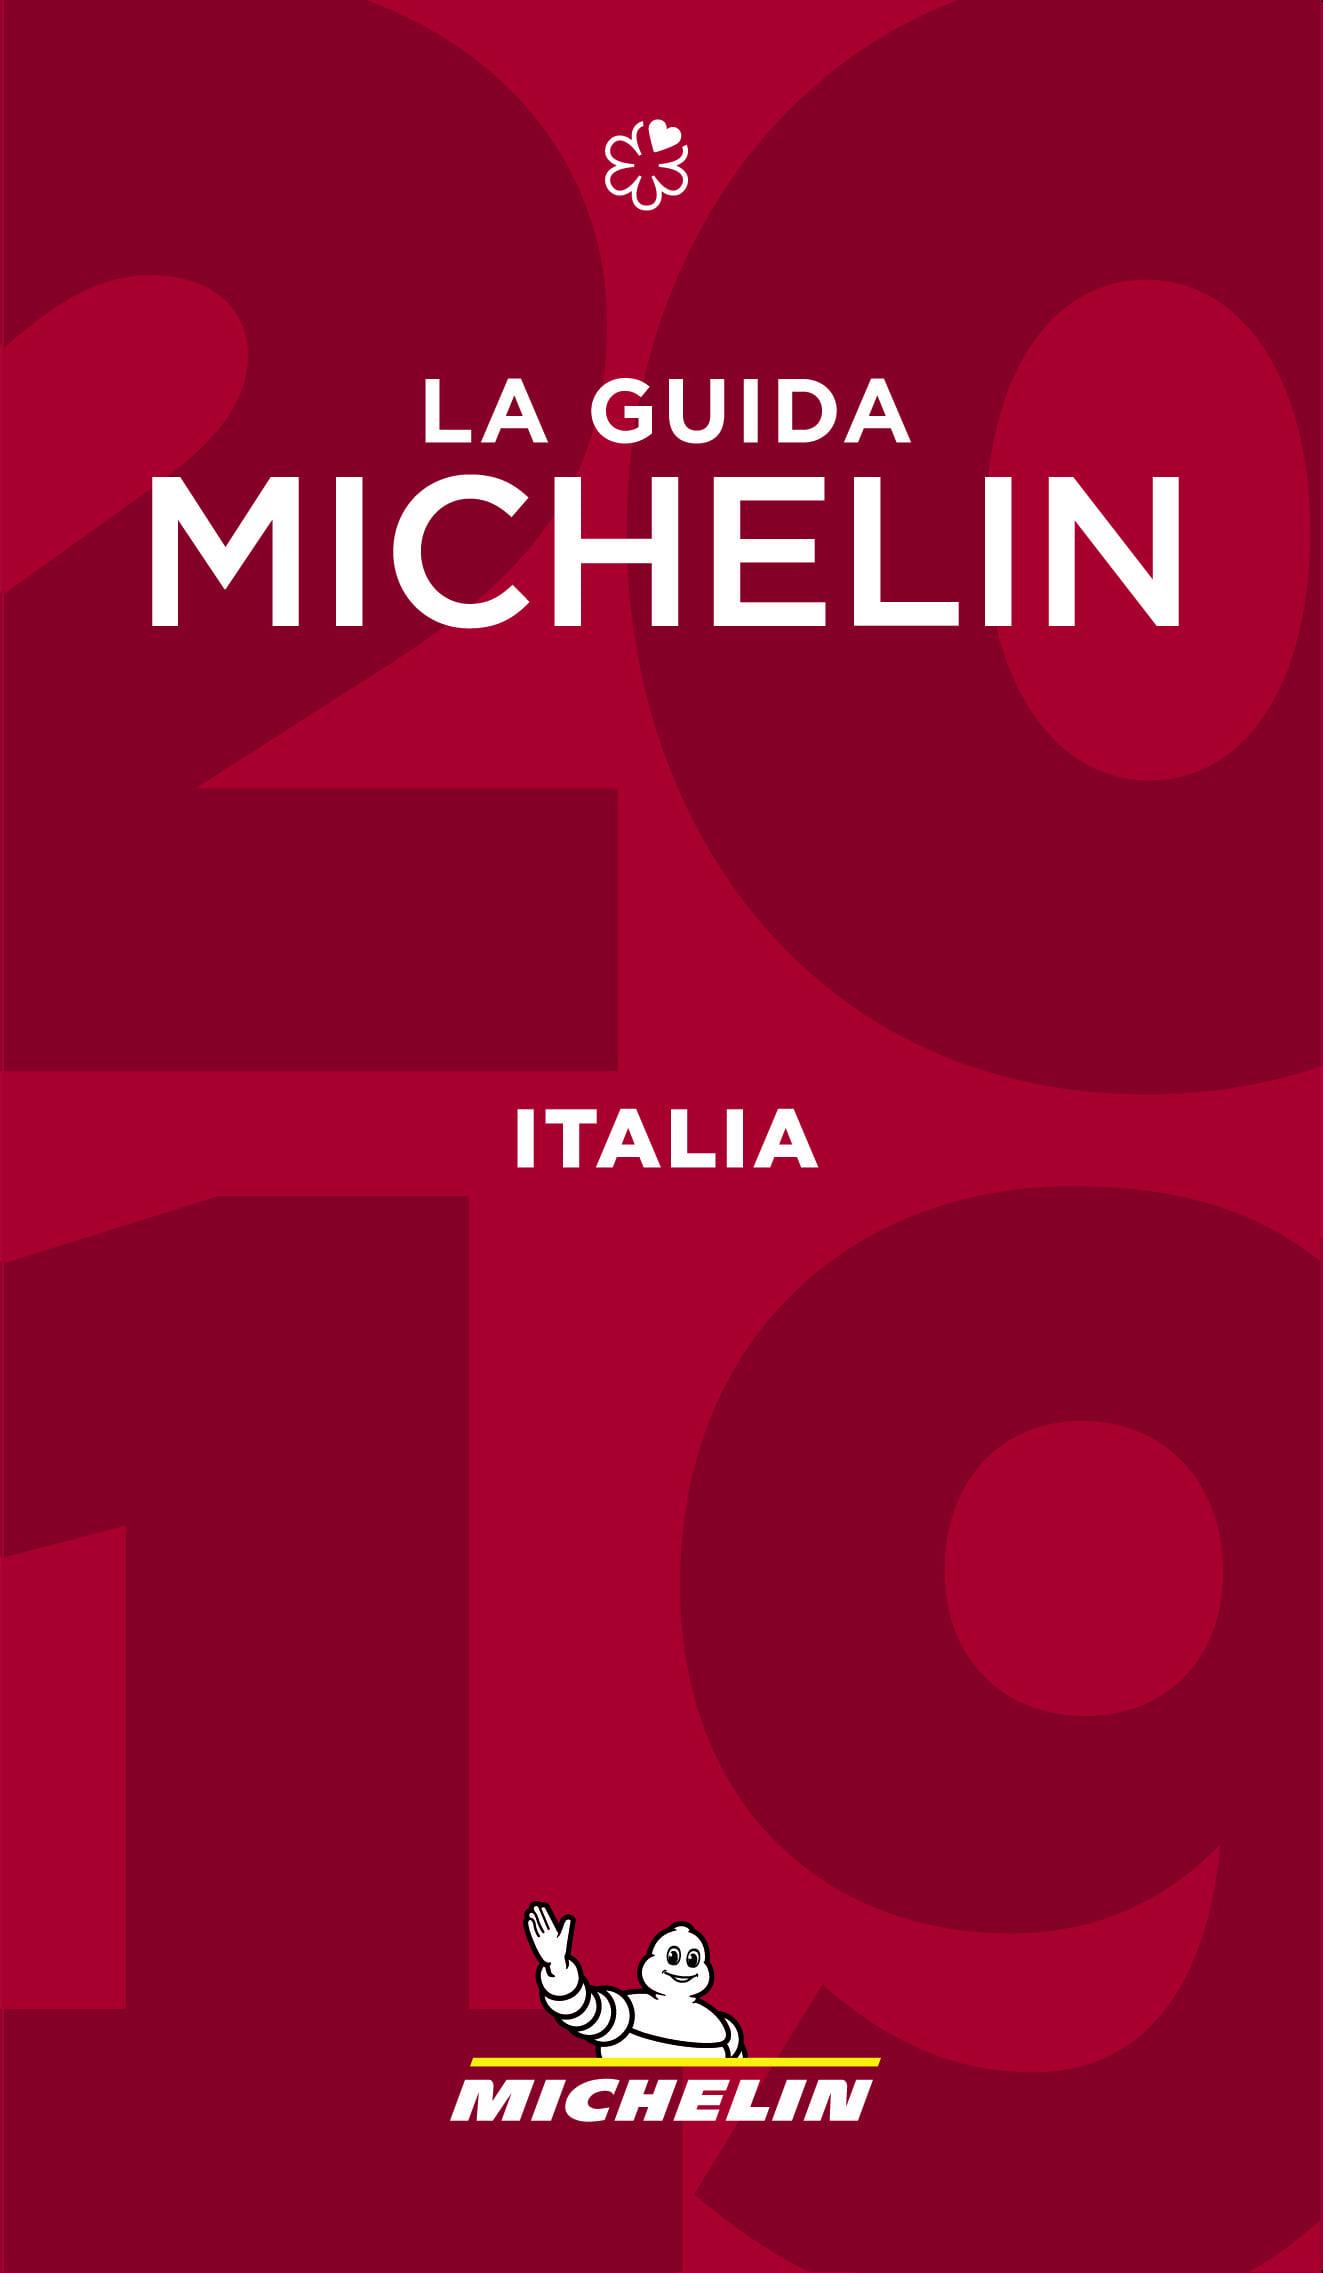 16 novembre, Michelin presenta i ristoranti Bib Gourmand